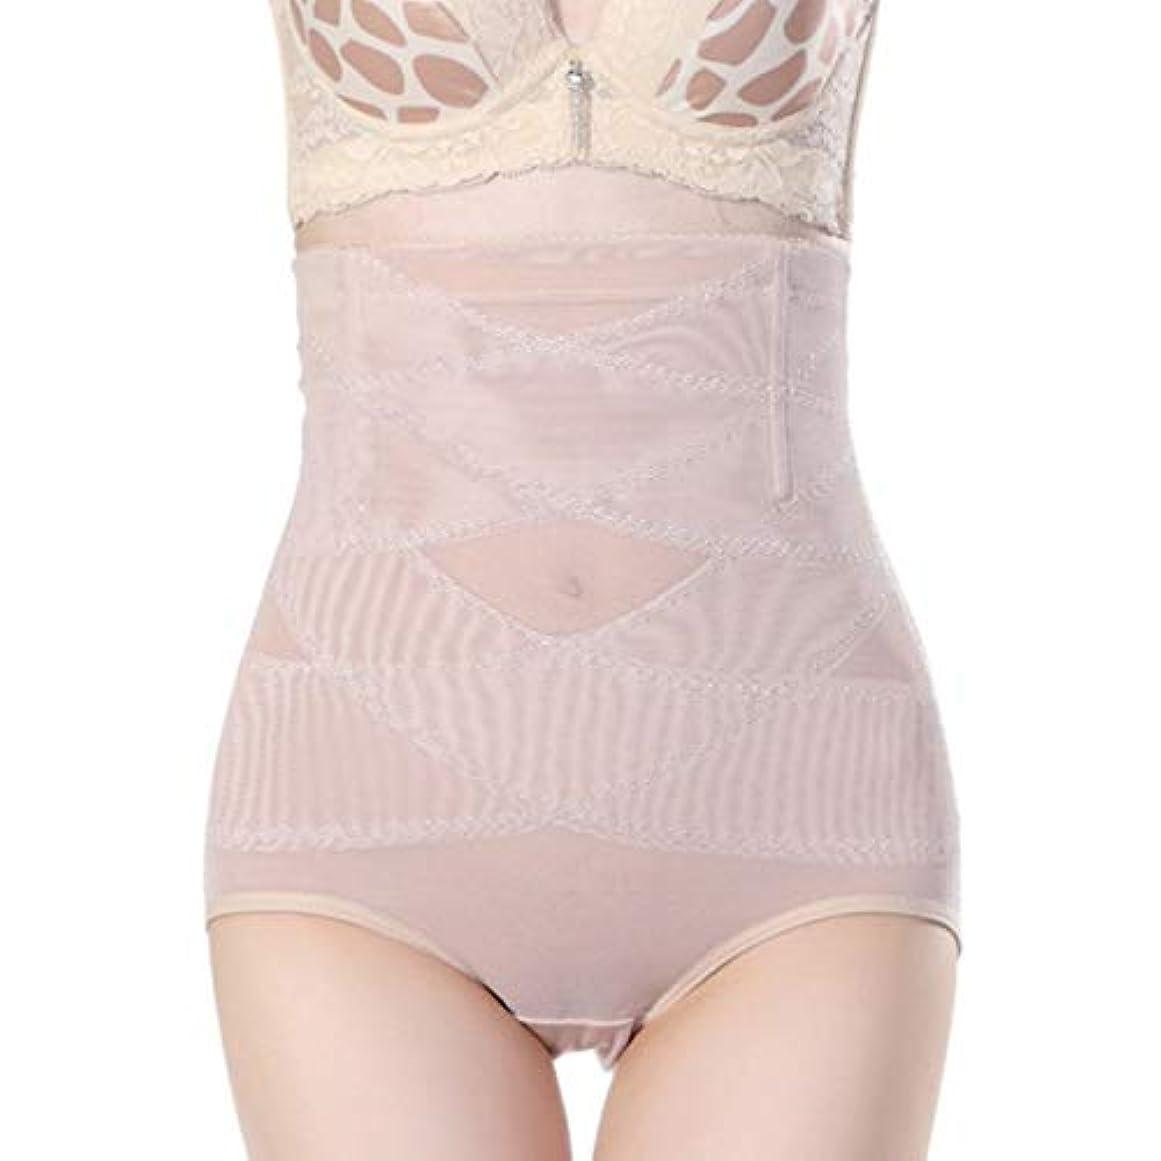 姿を消すパトロン腹痛腹部制御下着シームレスおなかコントロールパンティーバットリフターボディシェイパーを痩身通気性のハイウエストの女性 - 肌色3 XL